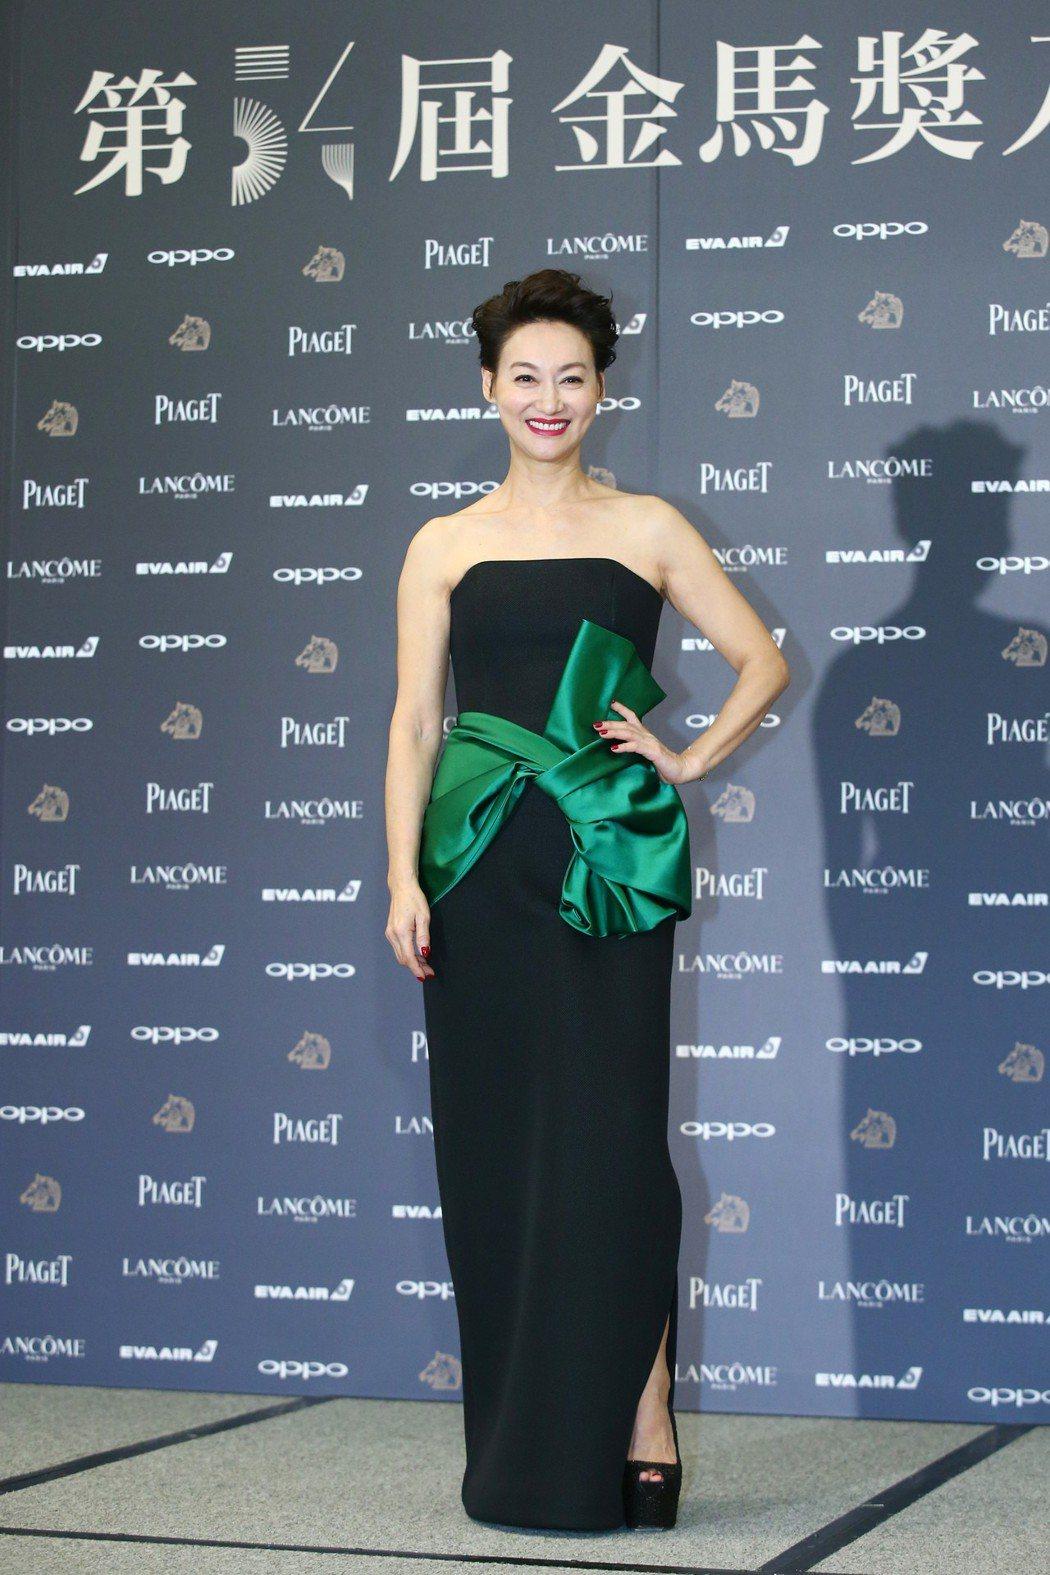 入圍金馬獎最佳女主角獎的演員惠英紅出席金馬獎入圍酒會。記者王騰毅/攝影